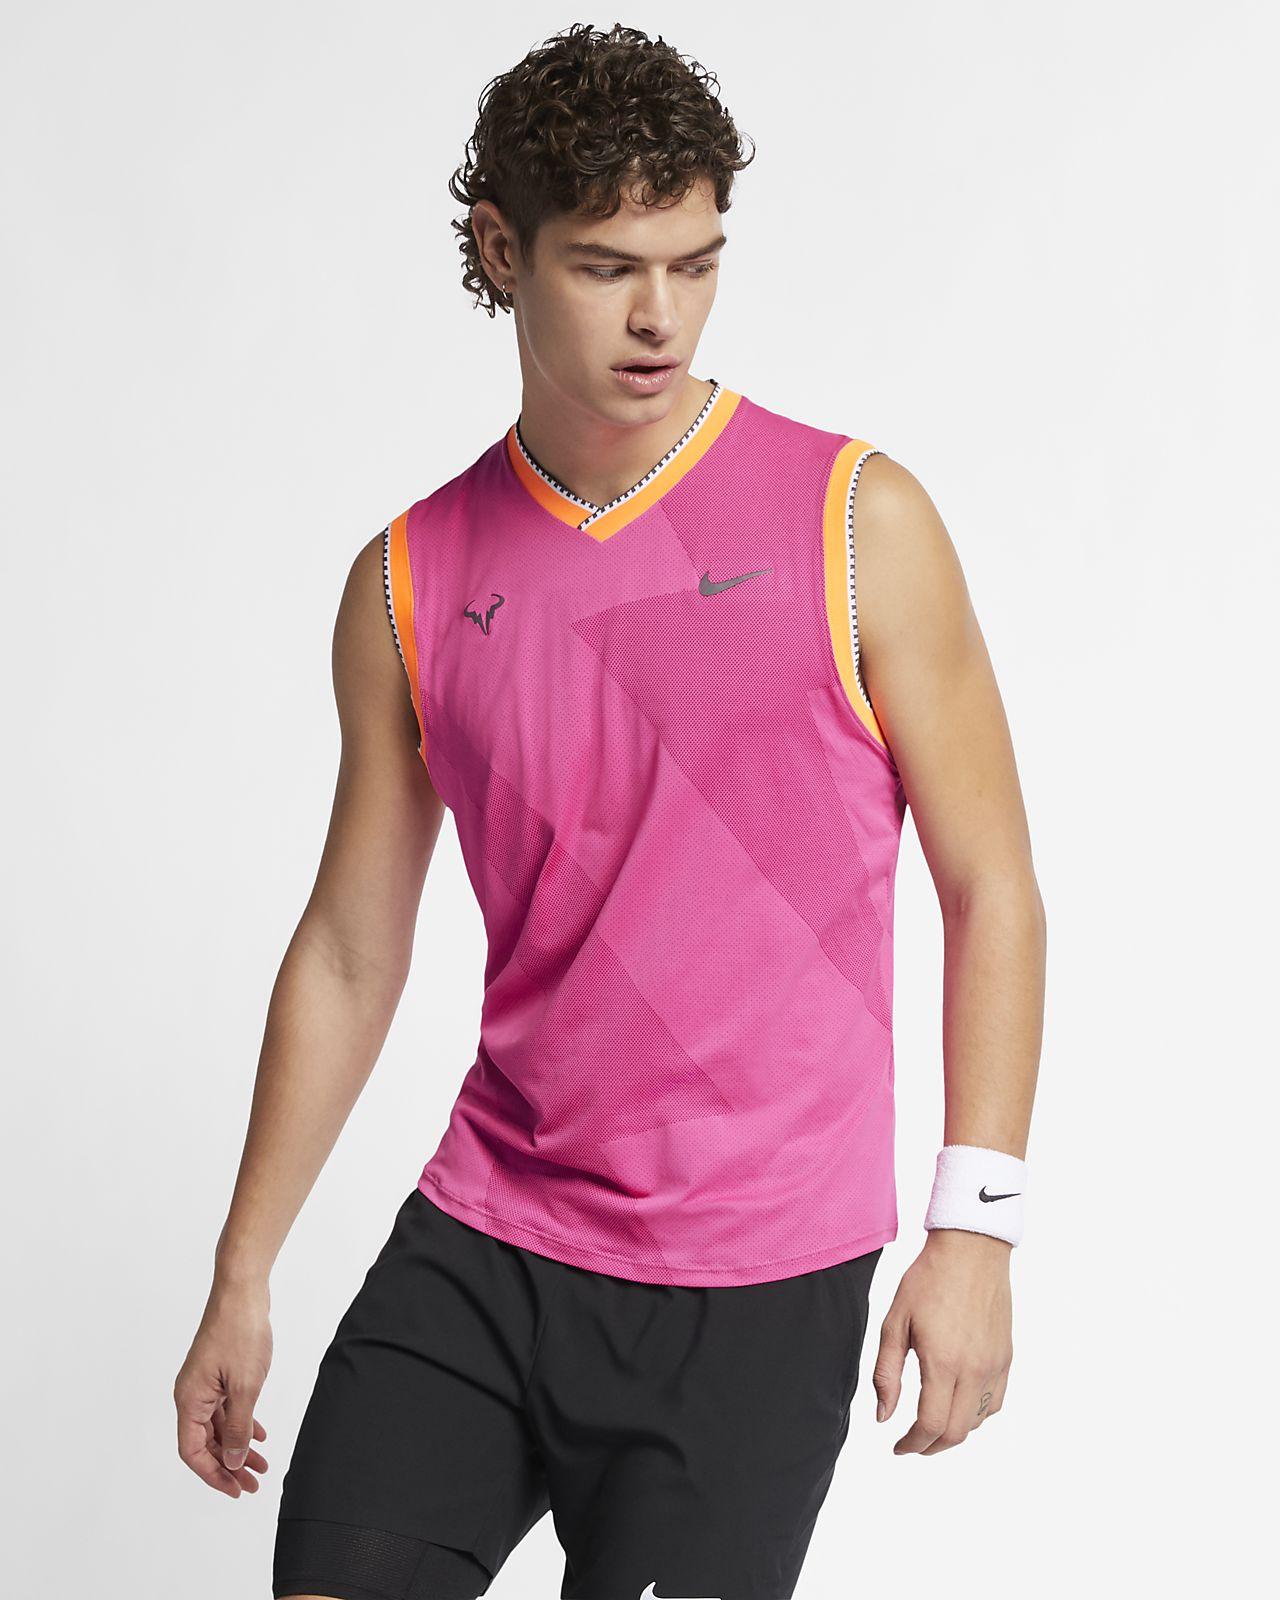 Camisola de ténis sem mangas NikeCourt AeroReact Rafa para homem